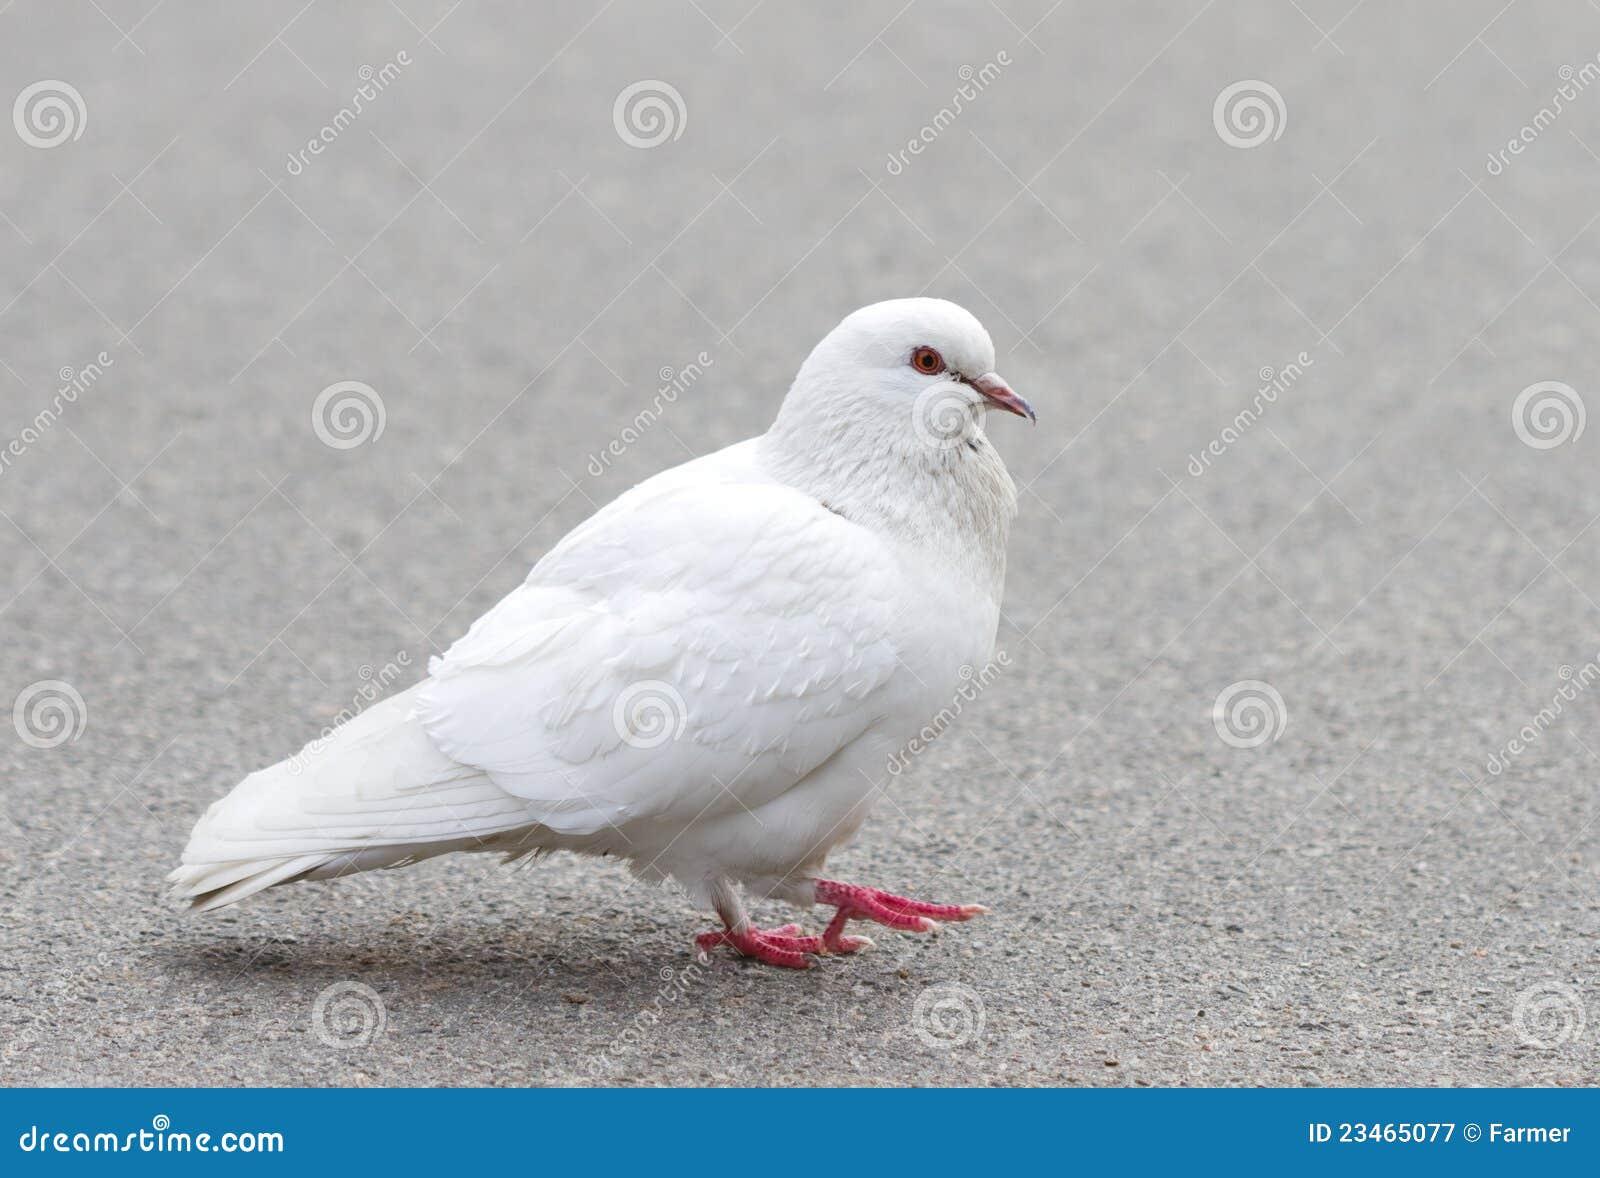 乌龟鸽鸽子鸟动物1300_974鸟类和什么熬汤好图片